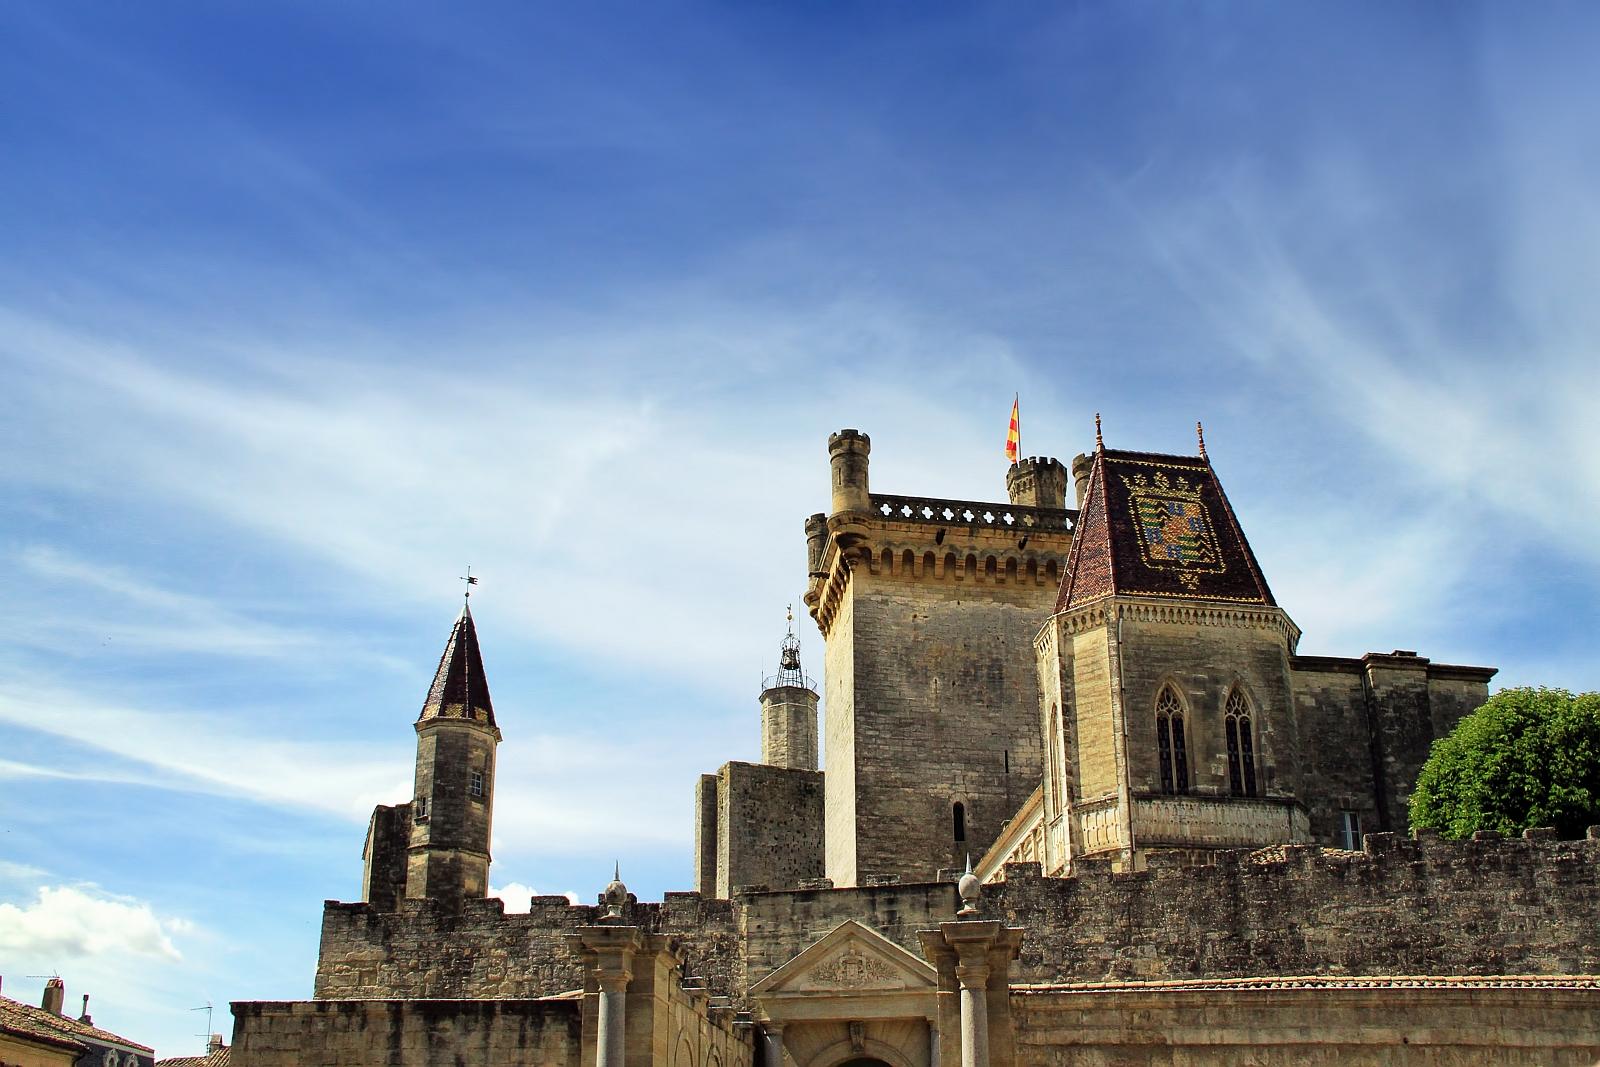 Frankreich ist eine Kulturnation und die Förderung der Kultur zentrale Aufgabe des Staates. Davon profitiert auch das 8500-Einwohner-Städtchen Uzès in der Provence.